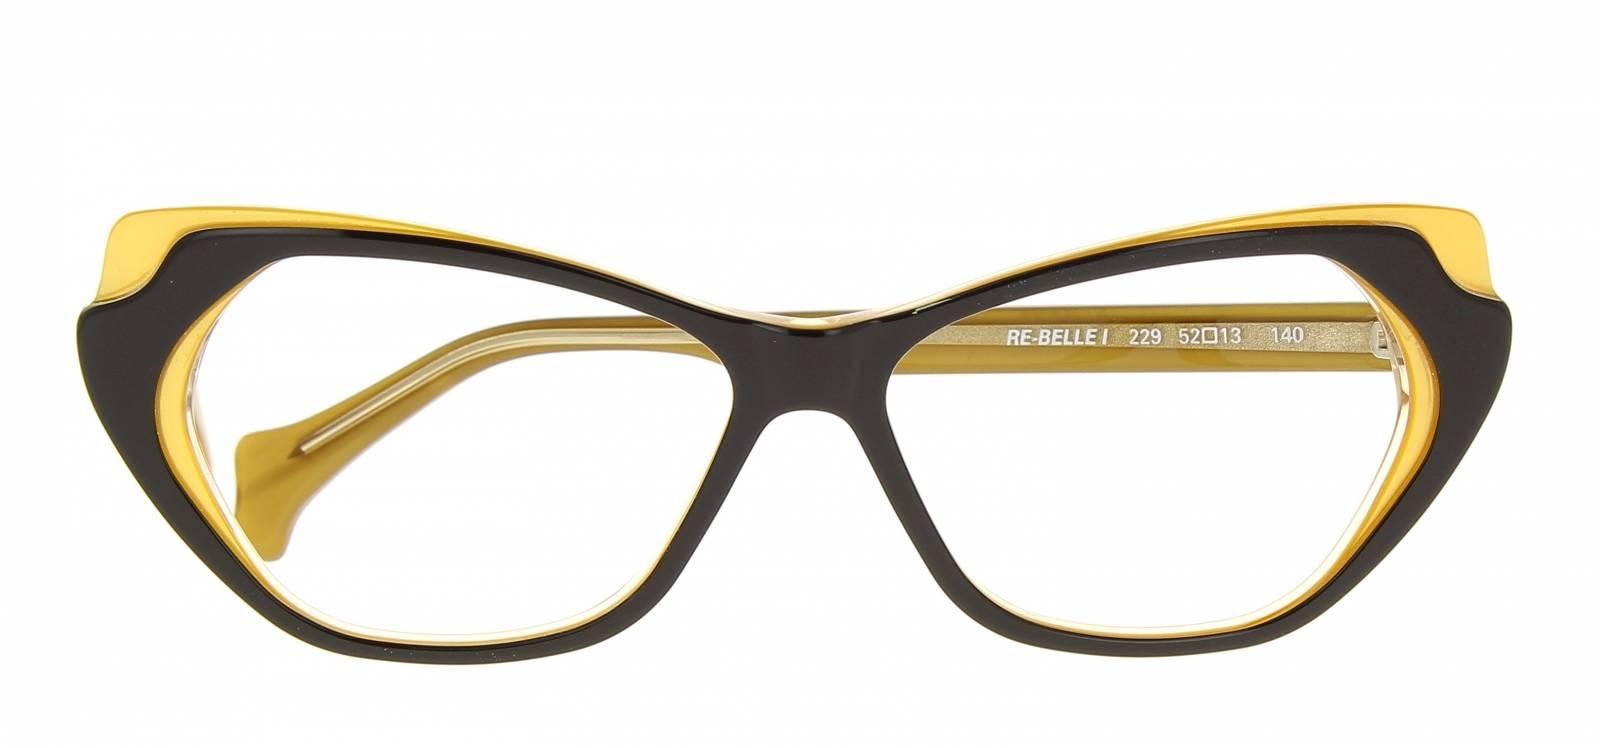 1d924d28aa310 Acheter des lunettes PLM re-belle Le Havre - Opticien pour l achat ...